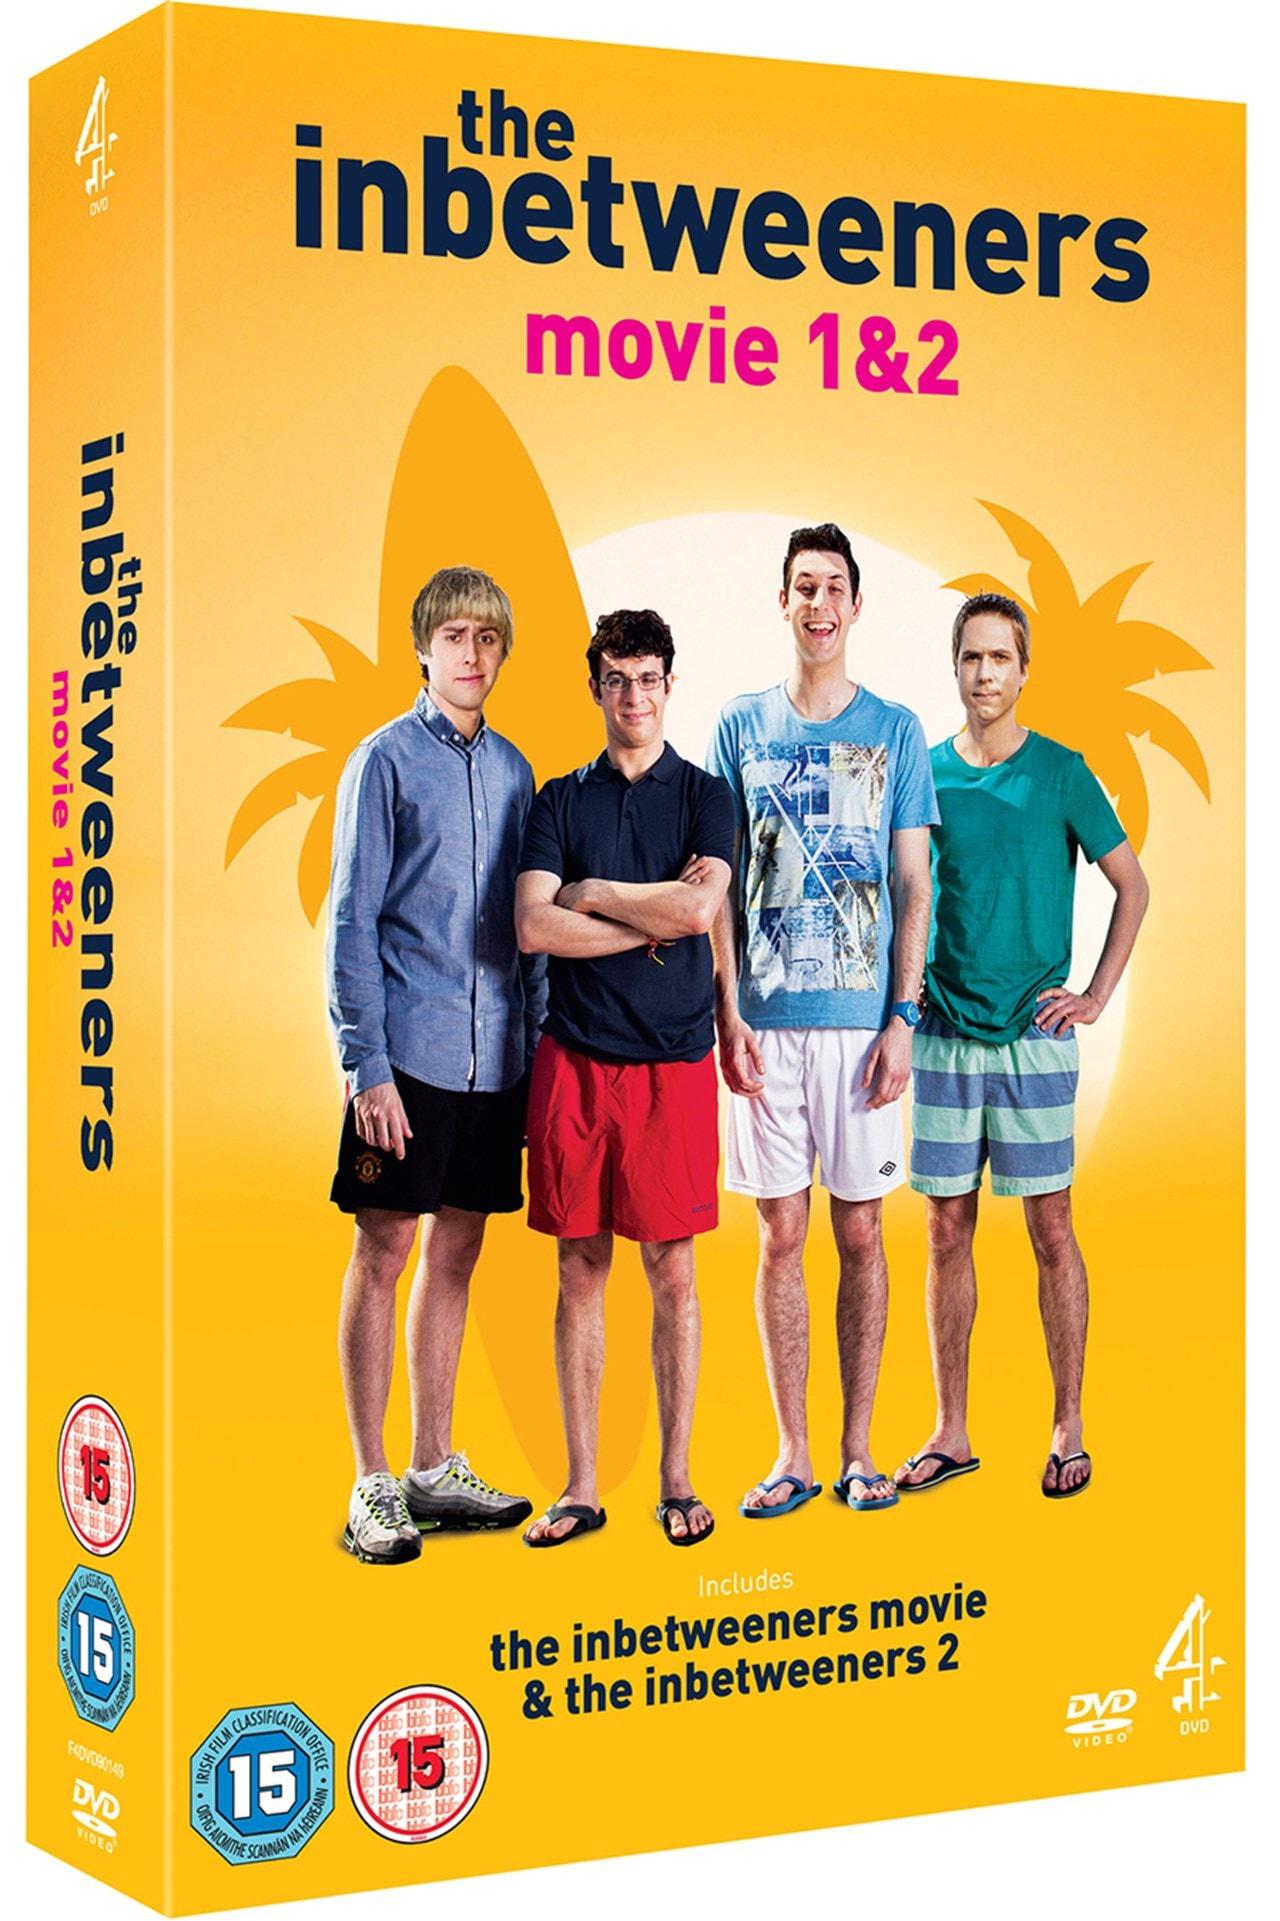 The Inbetweeners Movie 1 and 2 - 1